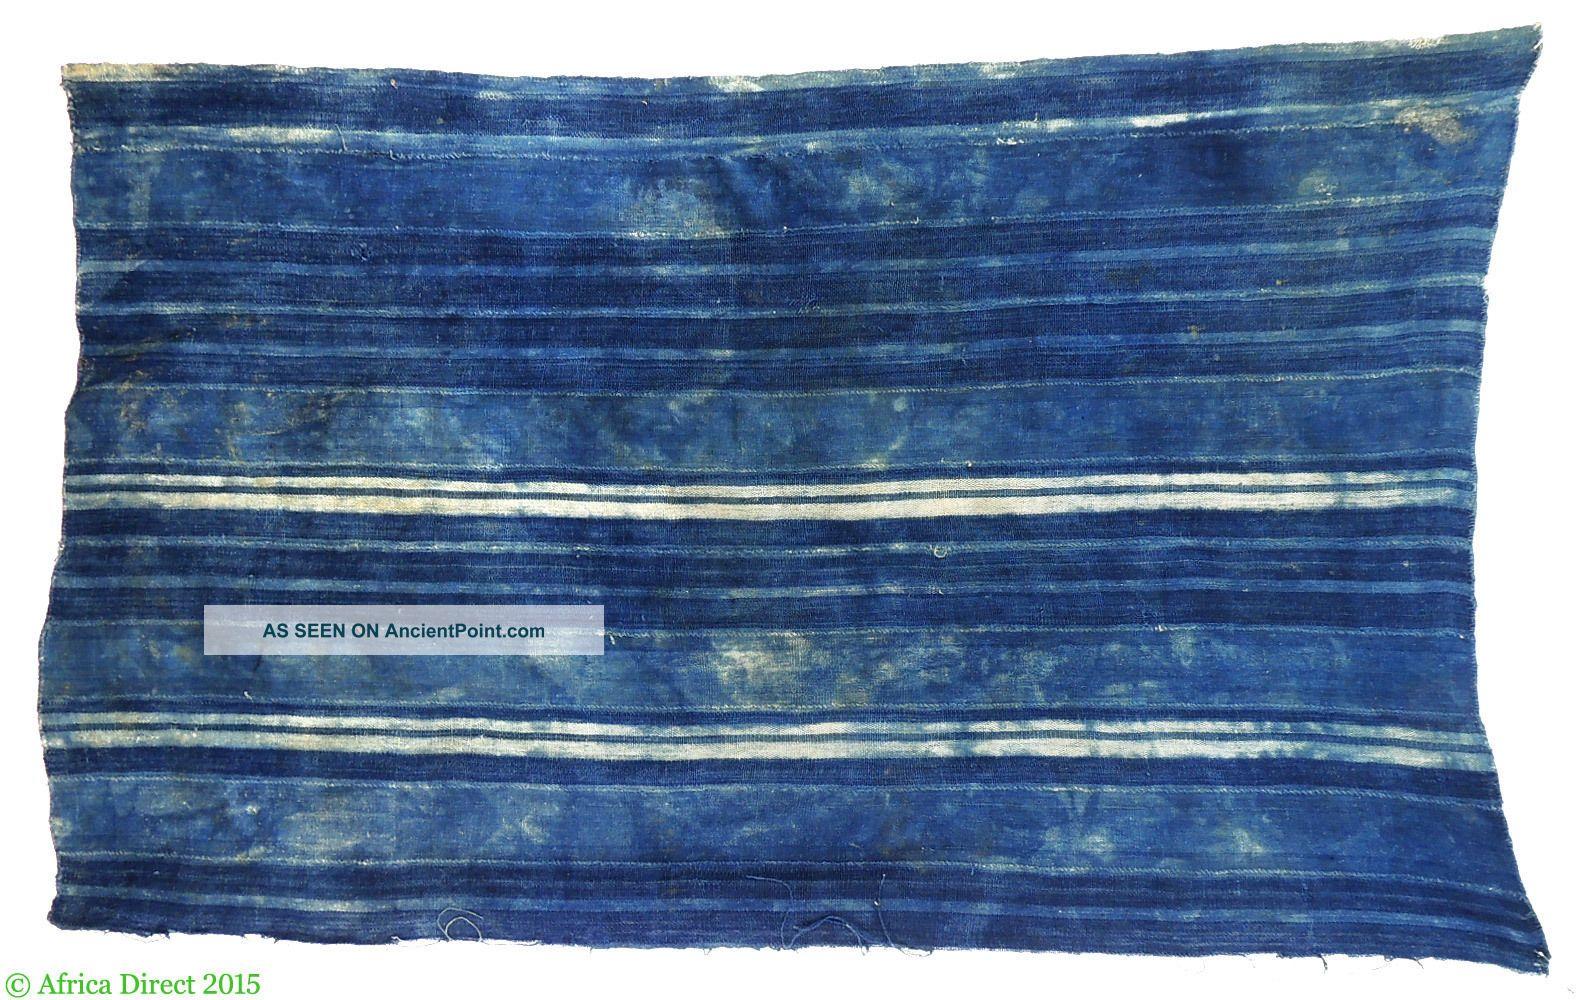 Dogon Or Mossi Indigo Dyed Textile Mali Burkina Faso Africa Other photo